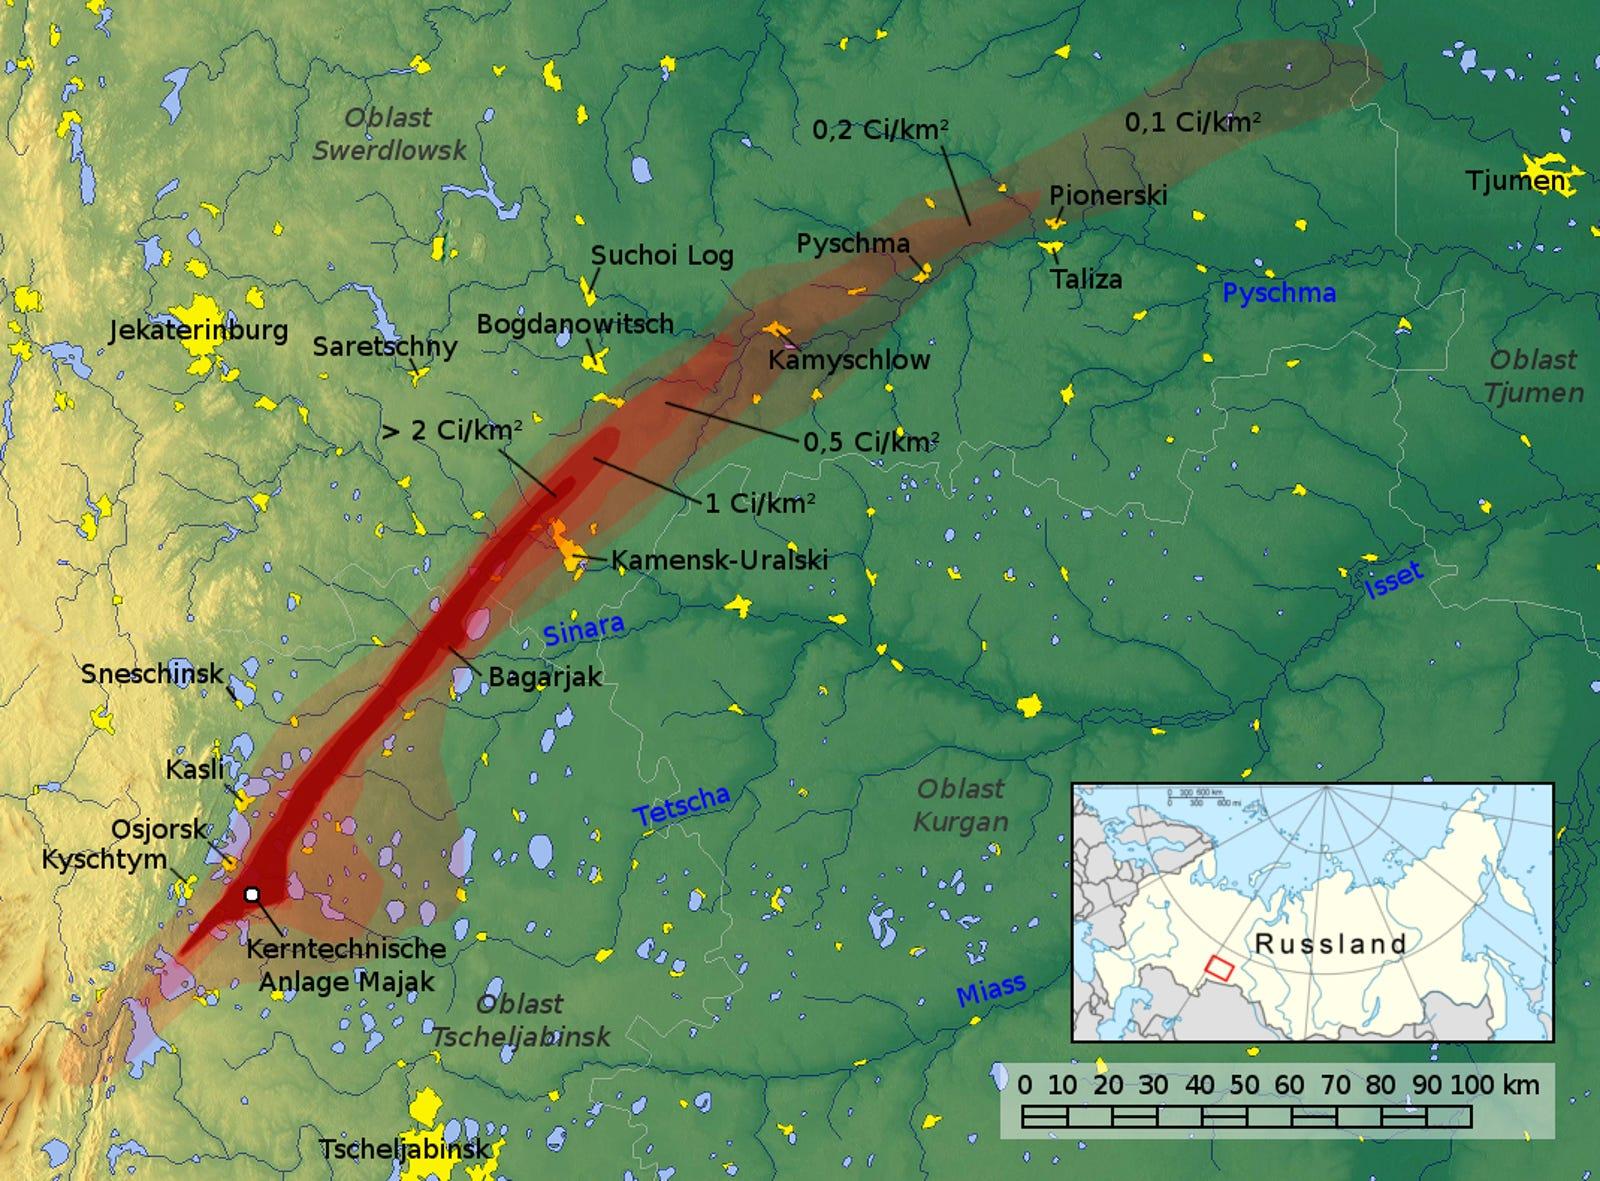 El día que Reino Unido fue Chernobyl: el incendio del reactor nuclear para construir una bomba atómica